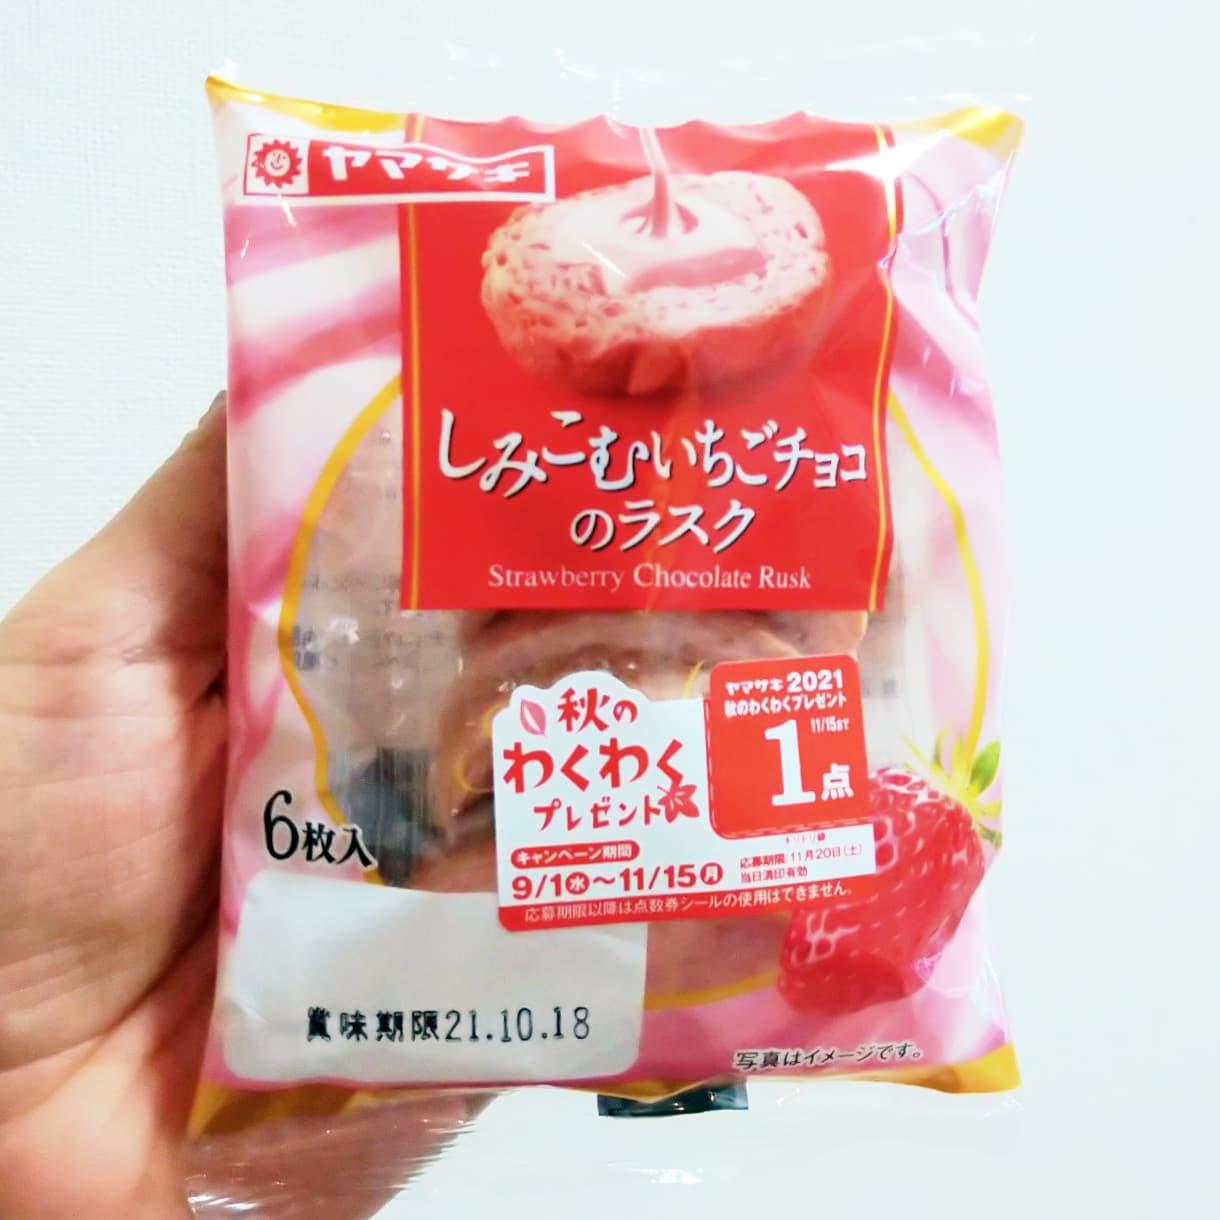 #いちごミルクラブ #山崎製パン #しみこむいちごチョコのラスク 謎イチゴ系--☆--本物イチゴ系甘さ強め系--☆--控え目系こってり系--☆--さっぱり系超ミルク系--☆--生クリーム系おもいで度--☆-- #侍猫度苺チョコパンですな。ミルク感はほんのりだね。直接牛乳って書いてないけども一部に乳製品使ってるって書いてあるからギリギリ苺牛乳でセーフでしょ。ダイソーで買ったやつだよ。#いちごオレ #いちごオレ味 #いちごミルク #いちごミルクみたい #いちご牛乳 #いちご牛乳味 #イチゴ牛乳 #いちご牛乳クラブ #苺牛乳 #苺牛乳が好き #苺ミルク #苺スイーツ #苺 #苺好きに生まれたからには #メソギア派 #糖分 #いちごミルク味 #スイーツ #スイーツ好き #スイーツスタグラム #スイーツタイム #スイーツ写真 #strawberry #strawberrymilk